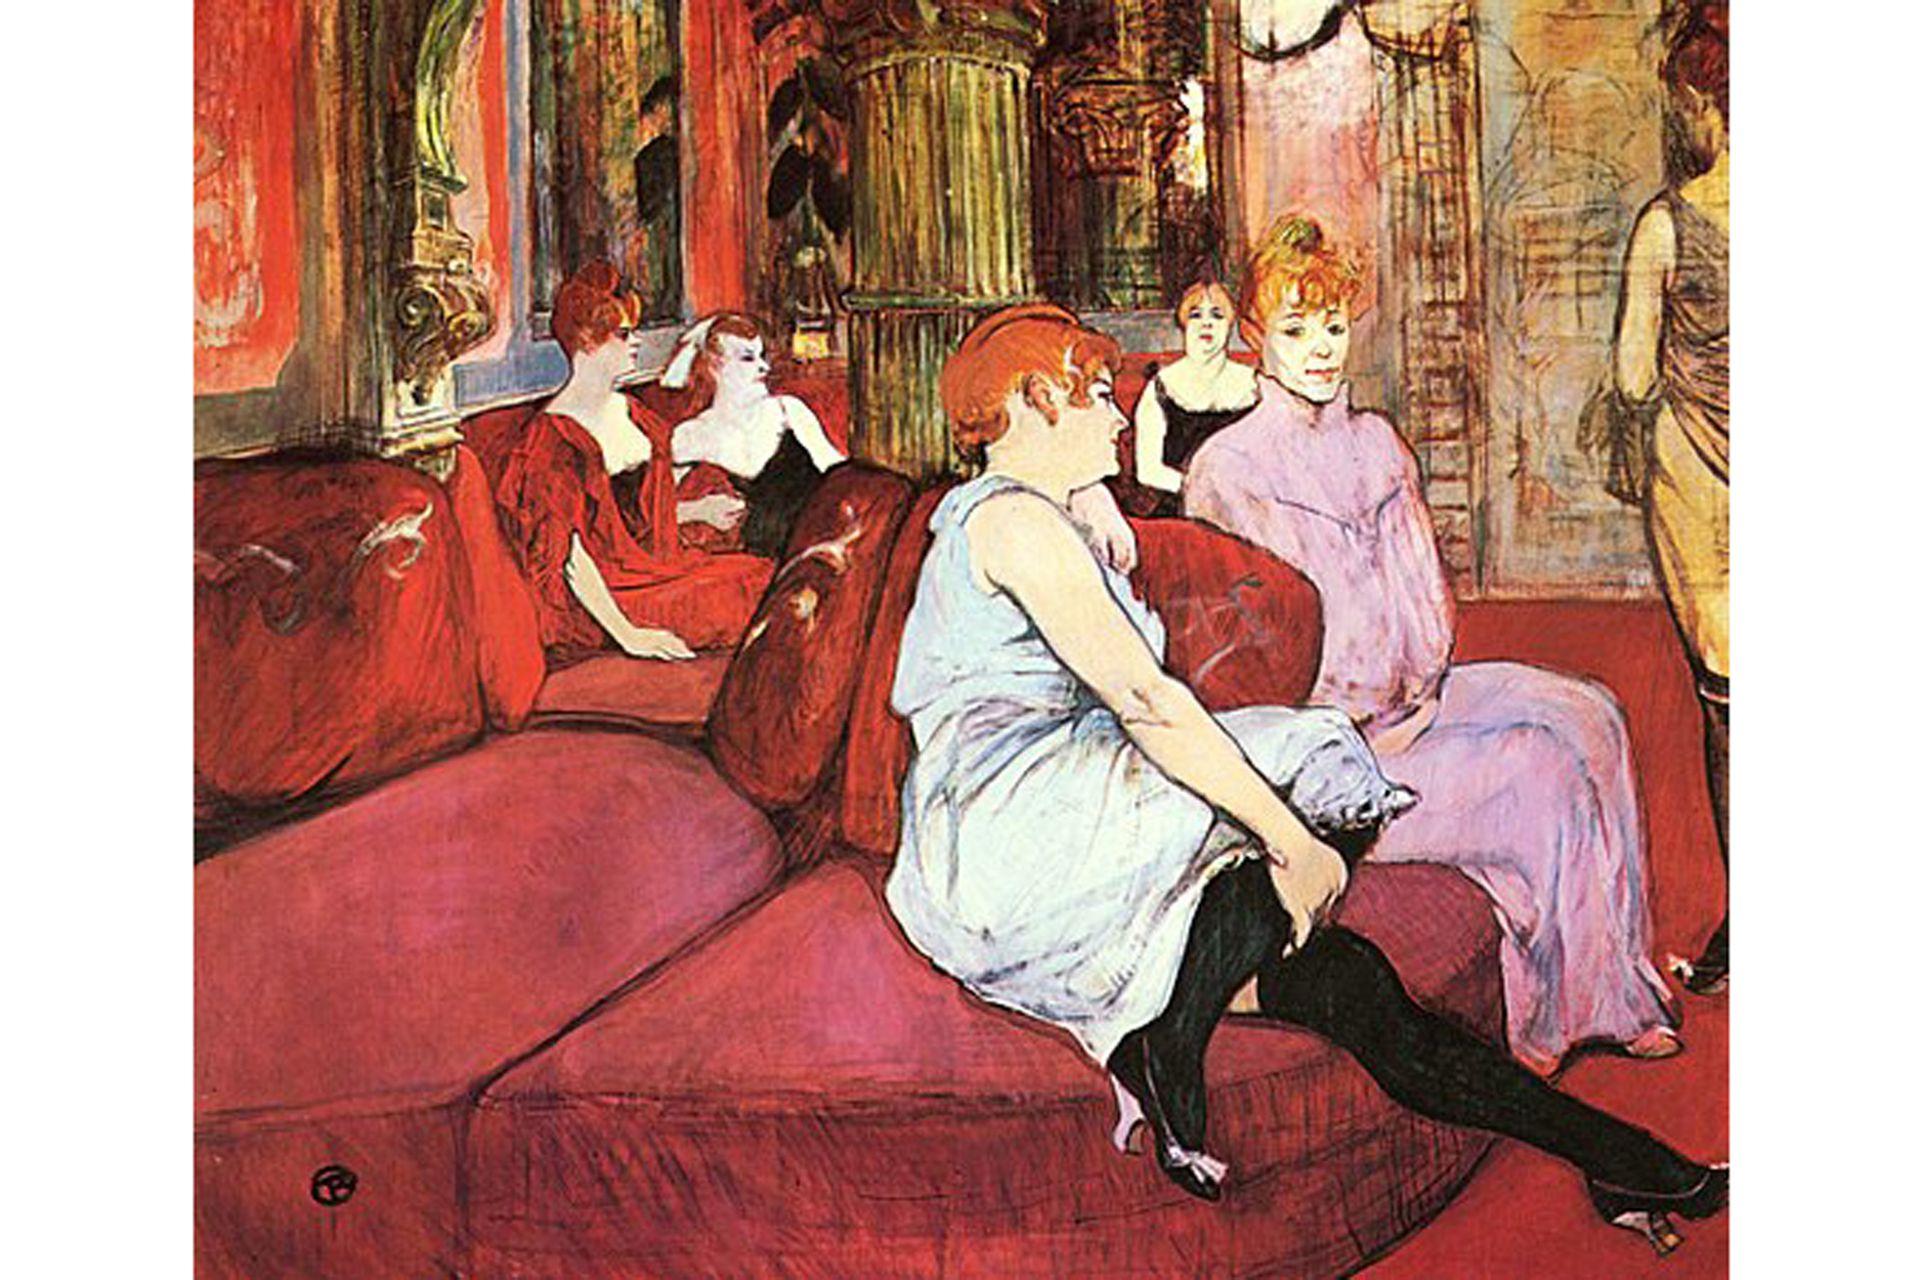 """""""Salon de la rue des moulins"""", de Henri de Toulouse Lautrec, 1894, se encuentra en el museo Toulouse Lautrec de Albi. Pintor de la noche de fines del siglo XIX, aquí capta una escena del trabajo de las prostitutas en un burdel de la calle Des Moulins en el que podía pasar semanas enteras"""